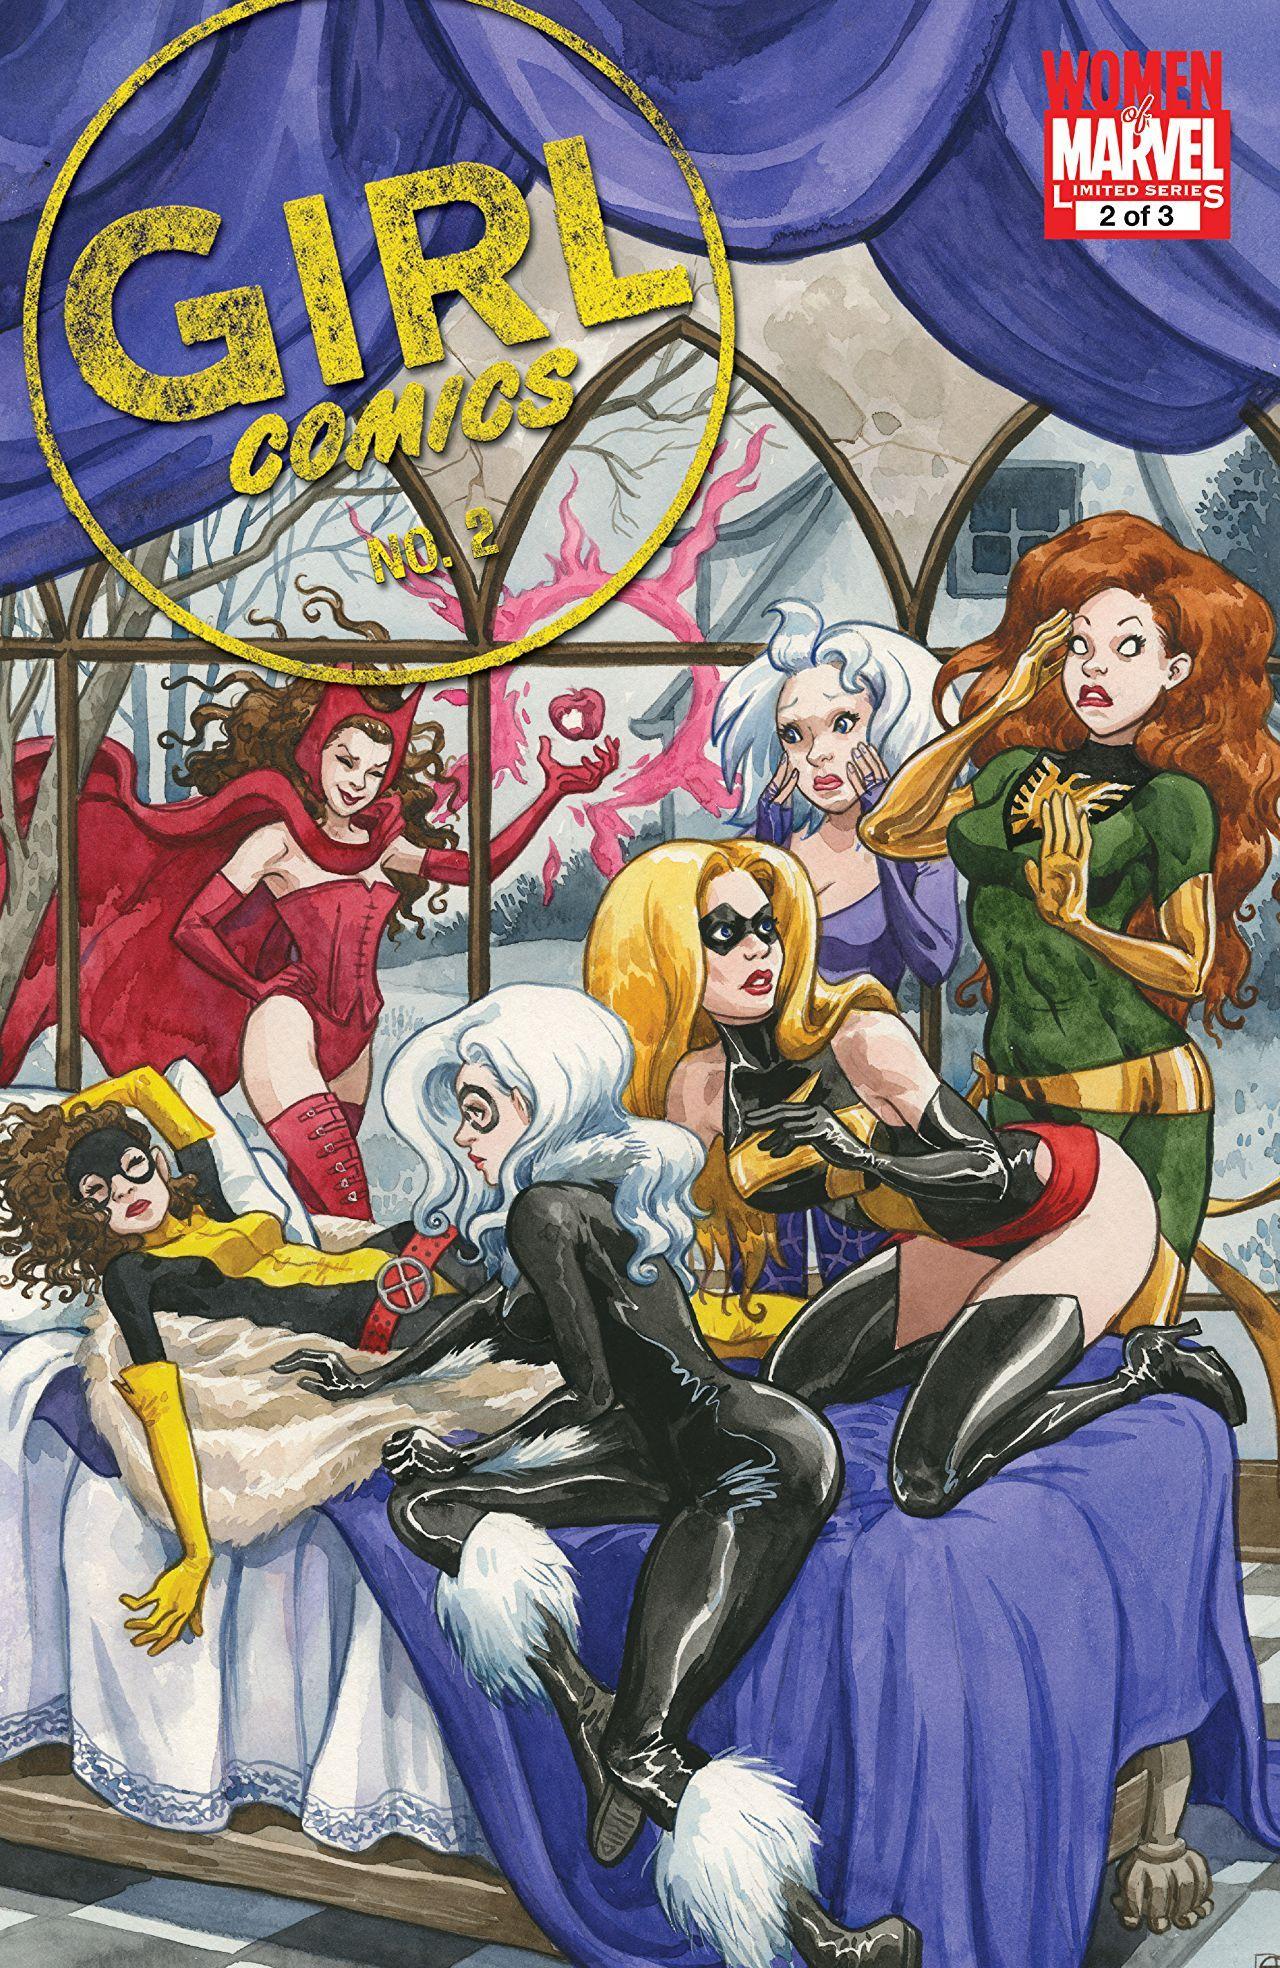 Girl Comics (2010) #2 (of 3) | February 14, 2018 - Digital